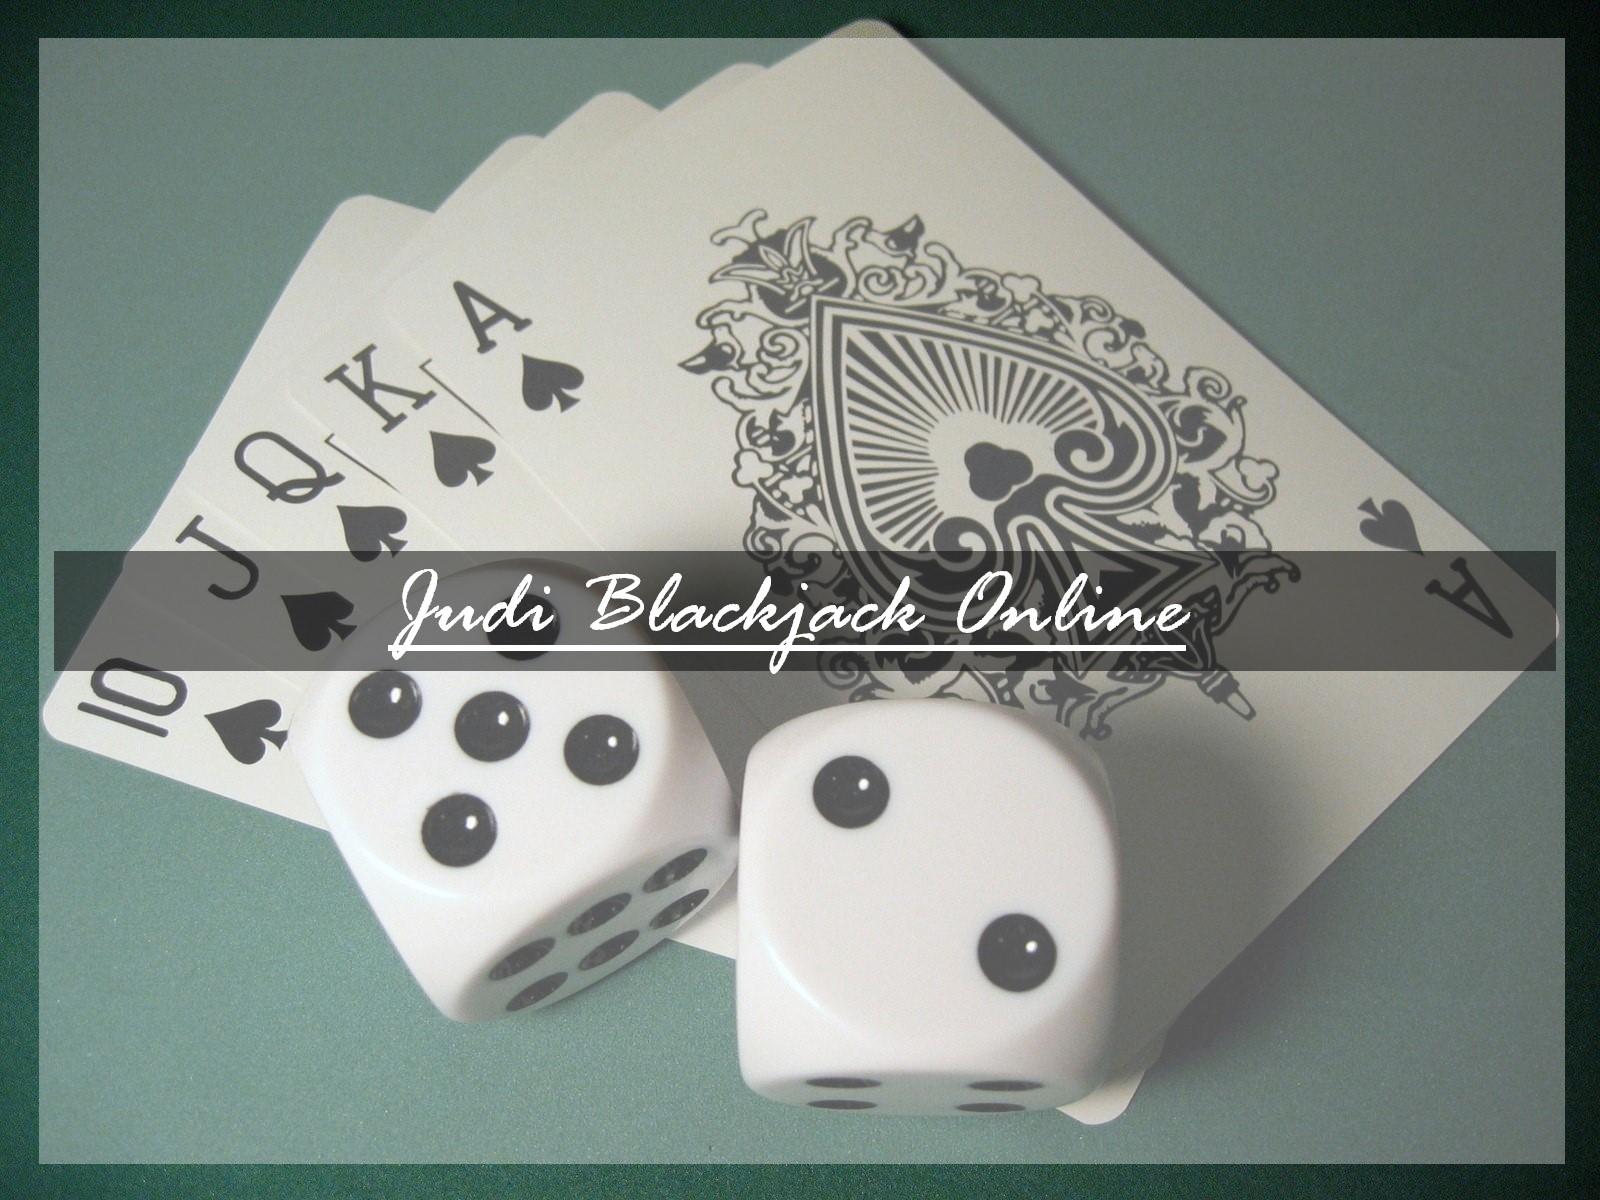 Alasan Blackjack Online Uang Asli Tidak Ditinggalkan